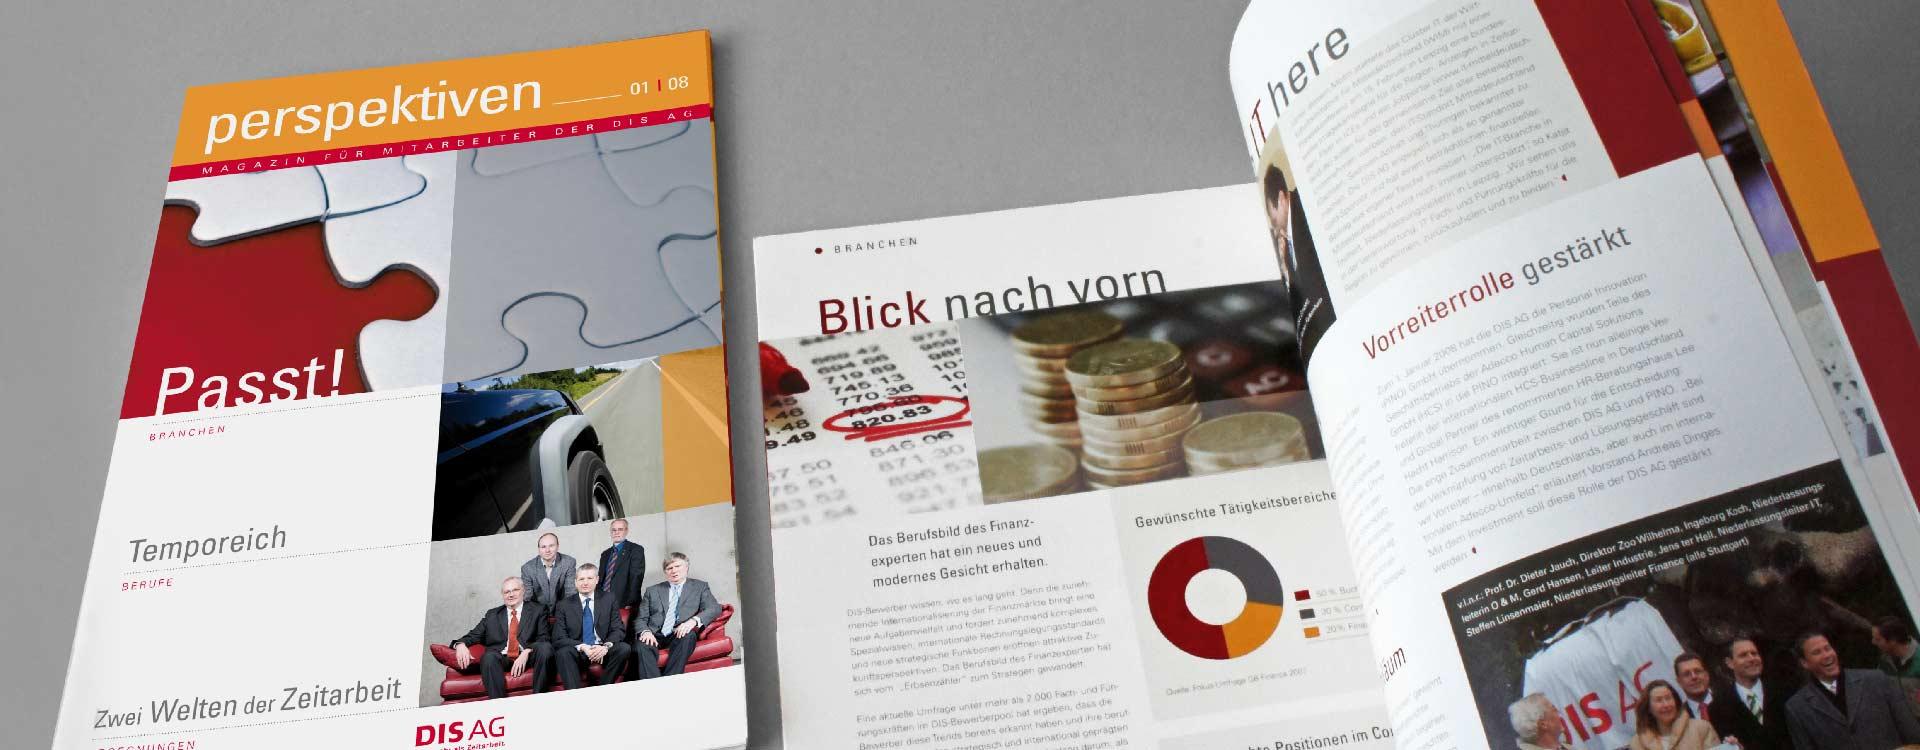 """Titel und Innenseiten des Mitarbeitermagazins """"Perspektiven"""" der DIS AG"""